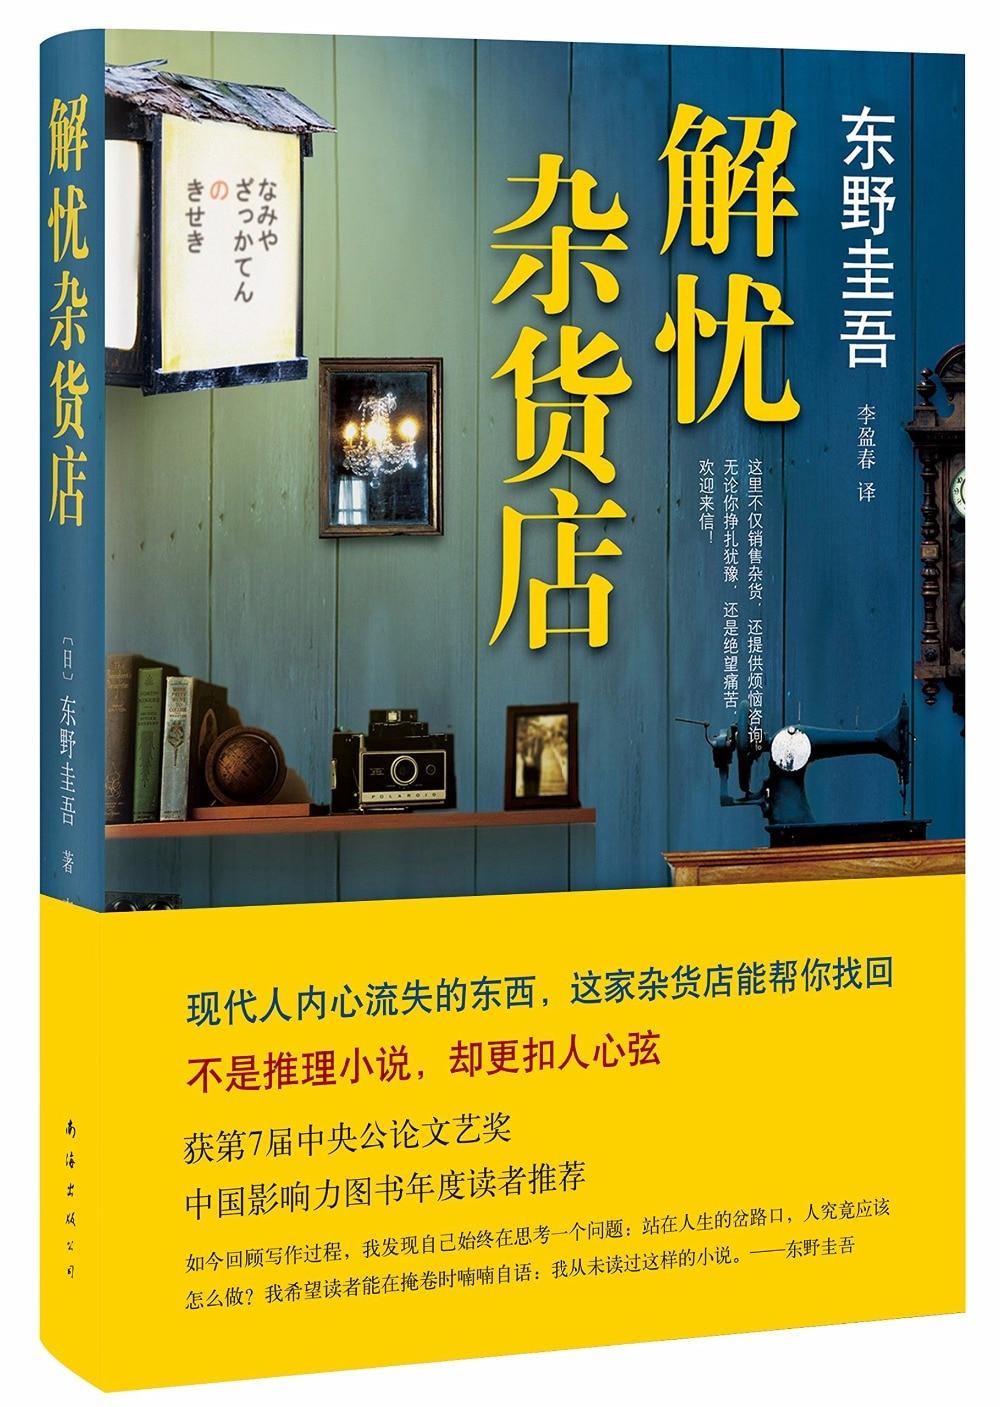 Best deals ) }}Classic Modern Literature book In